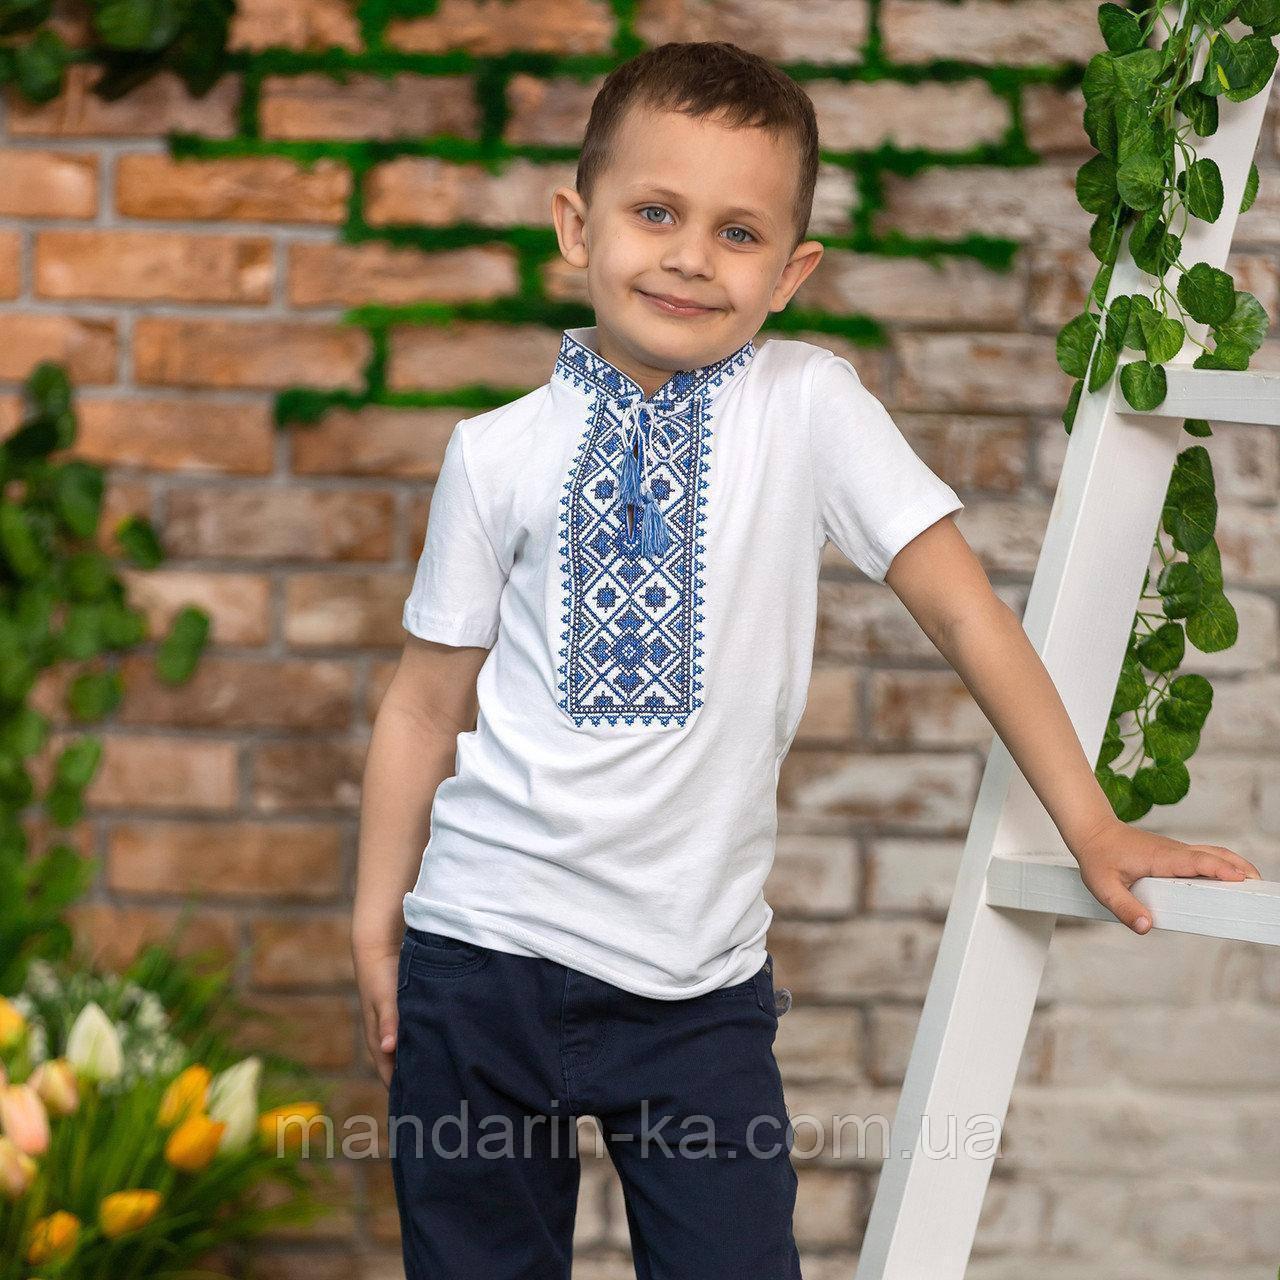 Вышиванка   футболка   для мальчика синий  орнамент